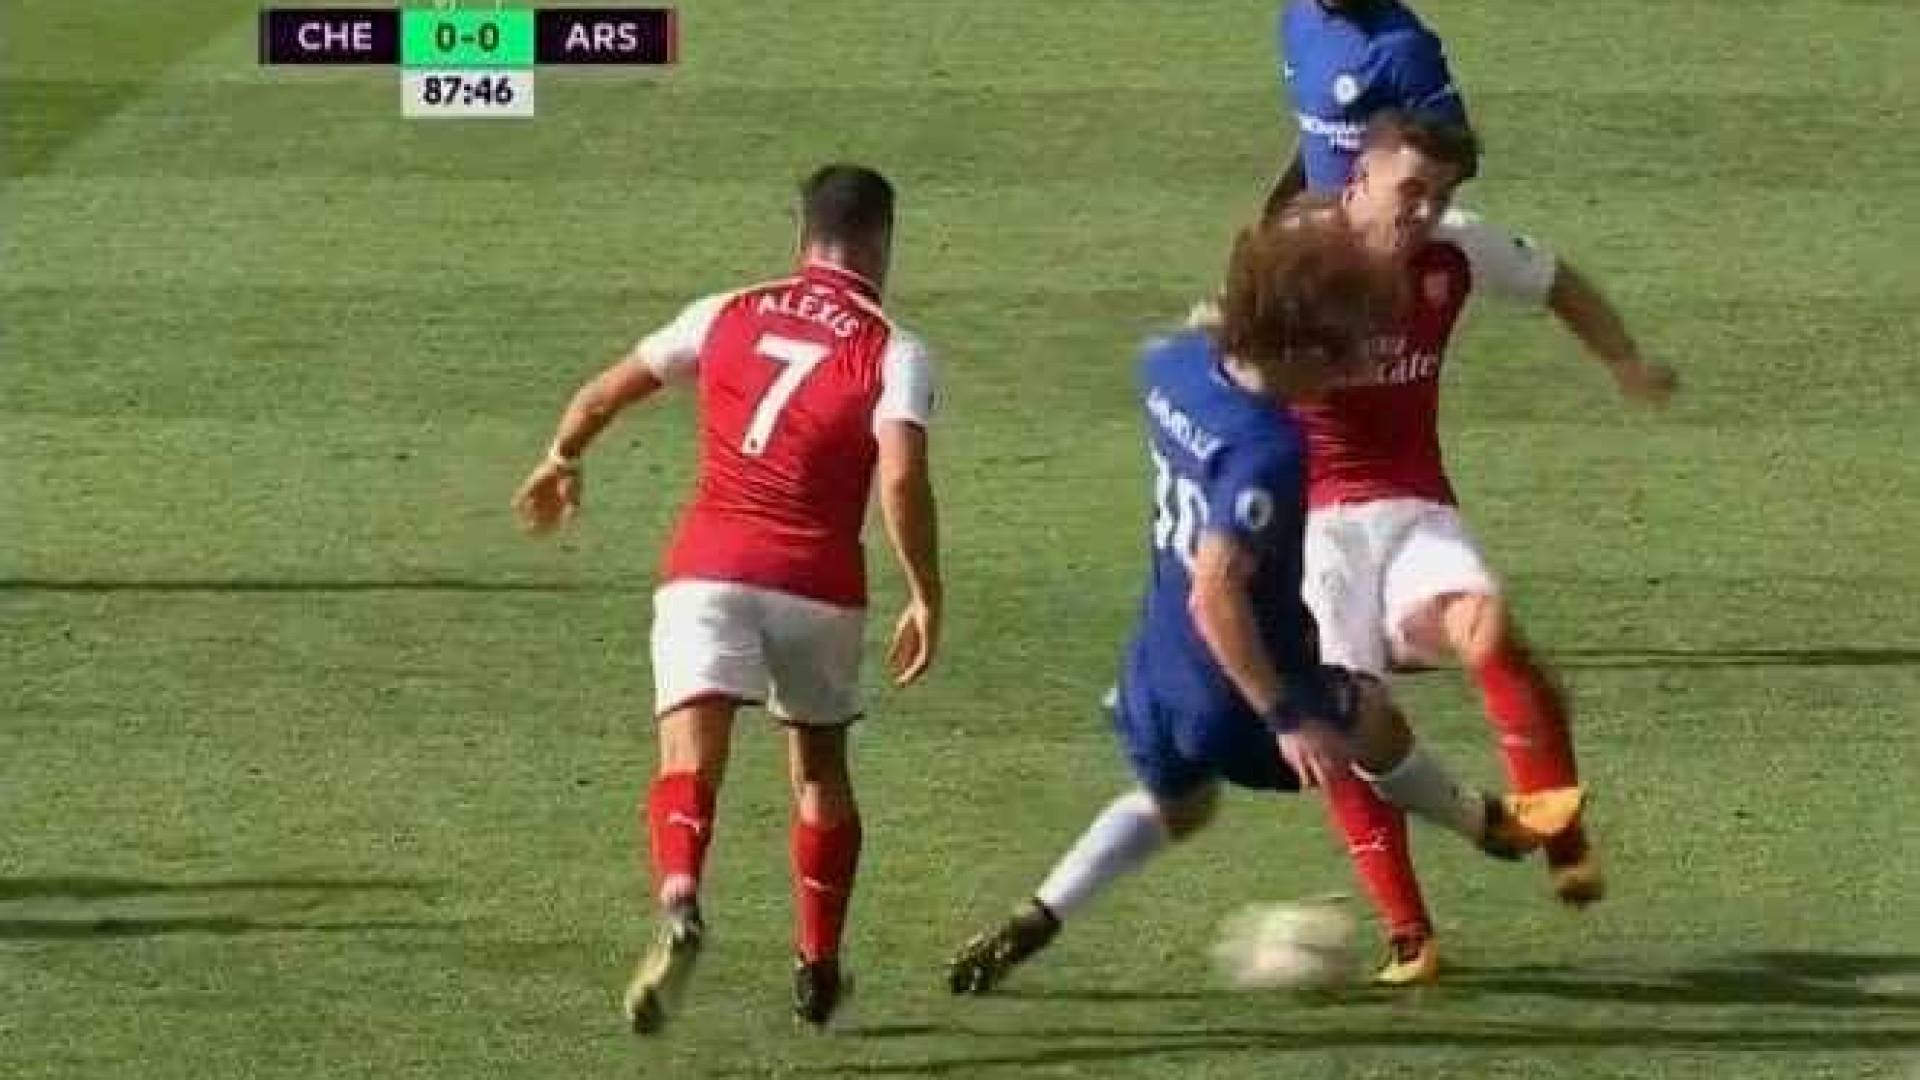 Foi por esta entrada dura que David Luiz foi expulso do Chelsea-Arsenal